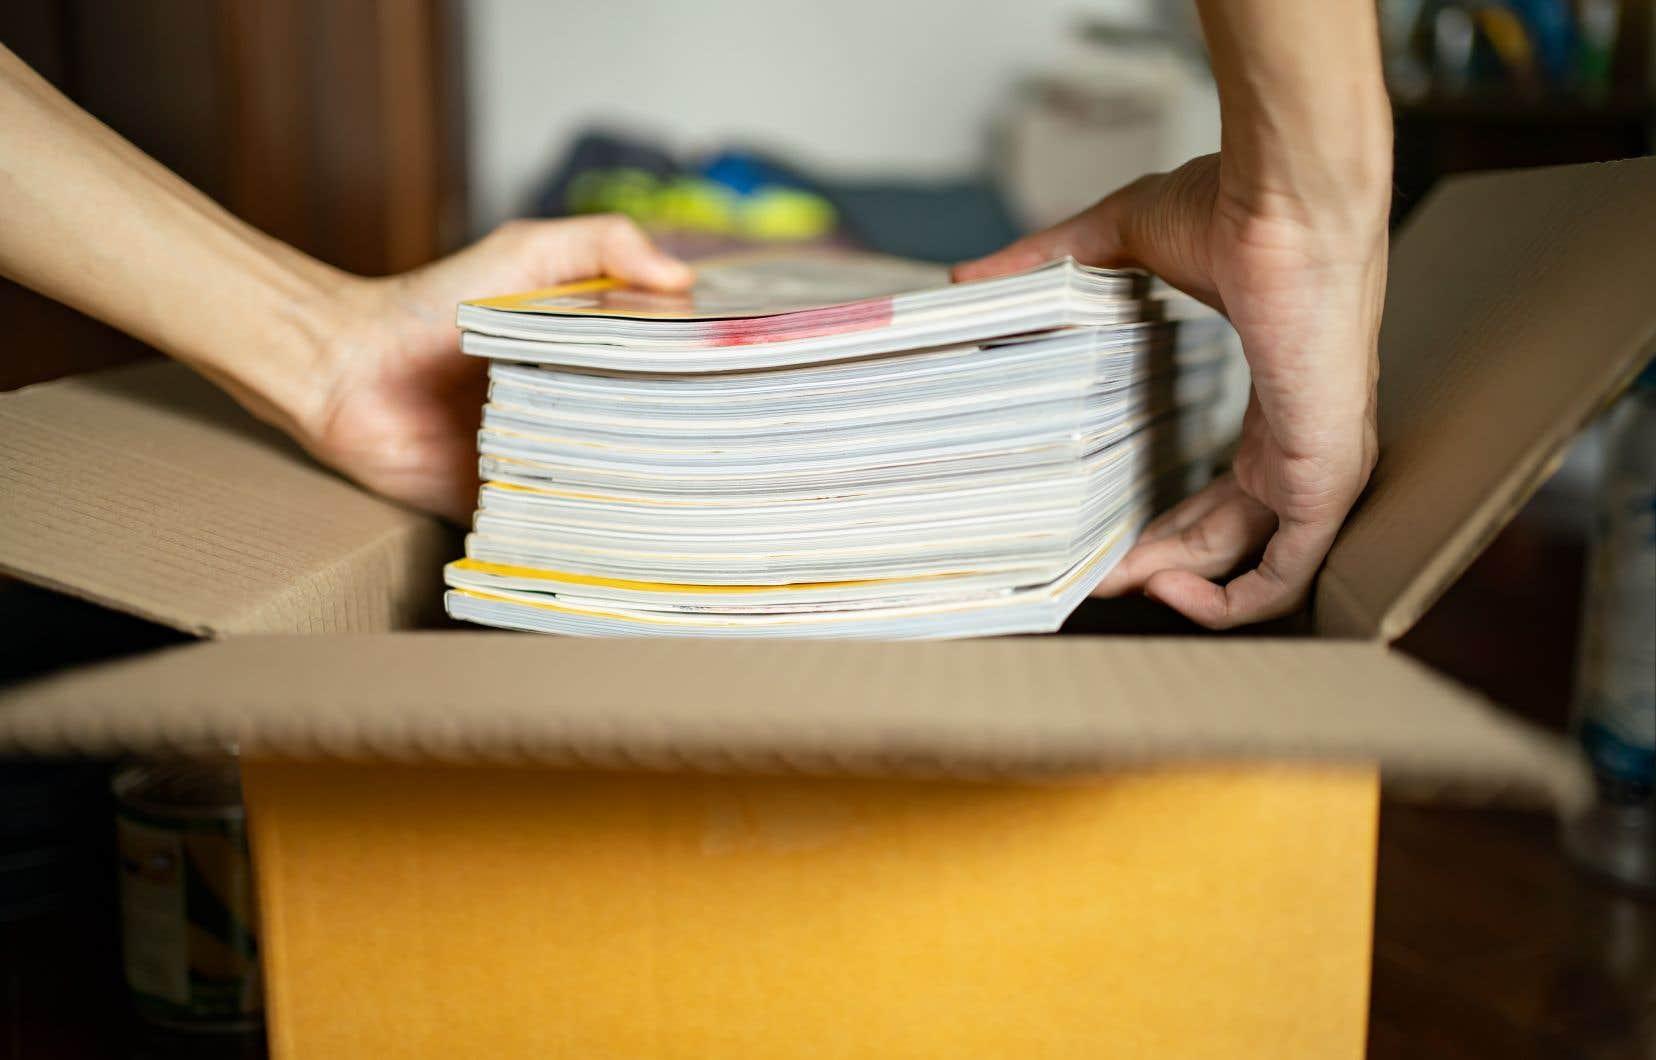 Des milliers d'autres livres auraient aussi été retirés des bibliothèques de cette commission scolaire, dont «Tintin en Amérique» et «Astérix et les Indiens».